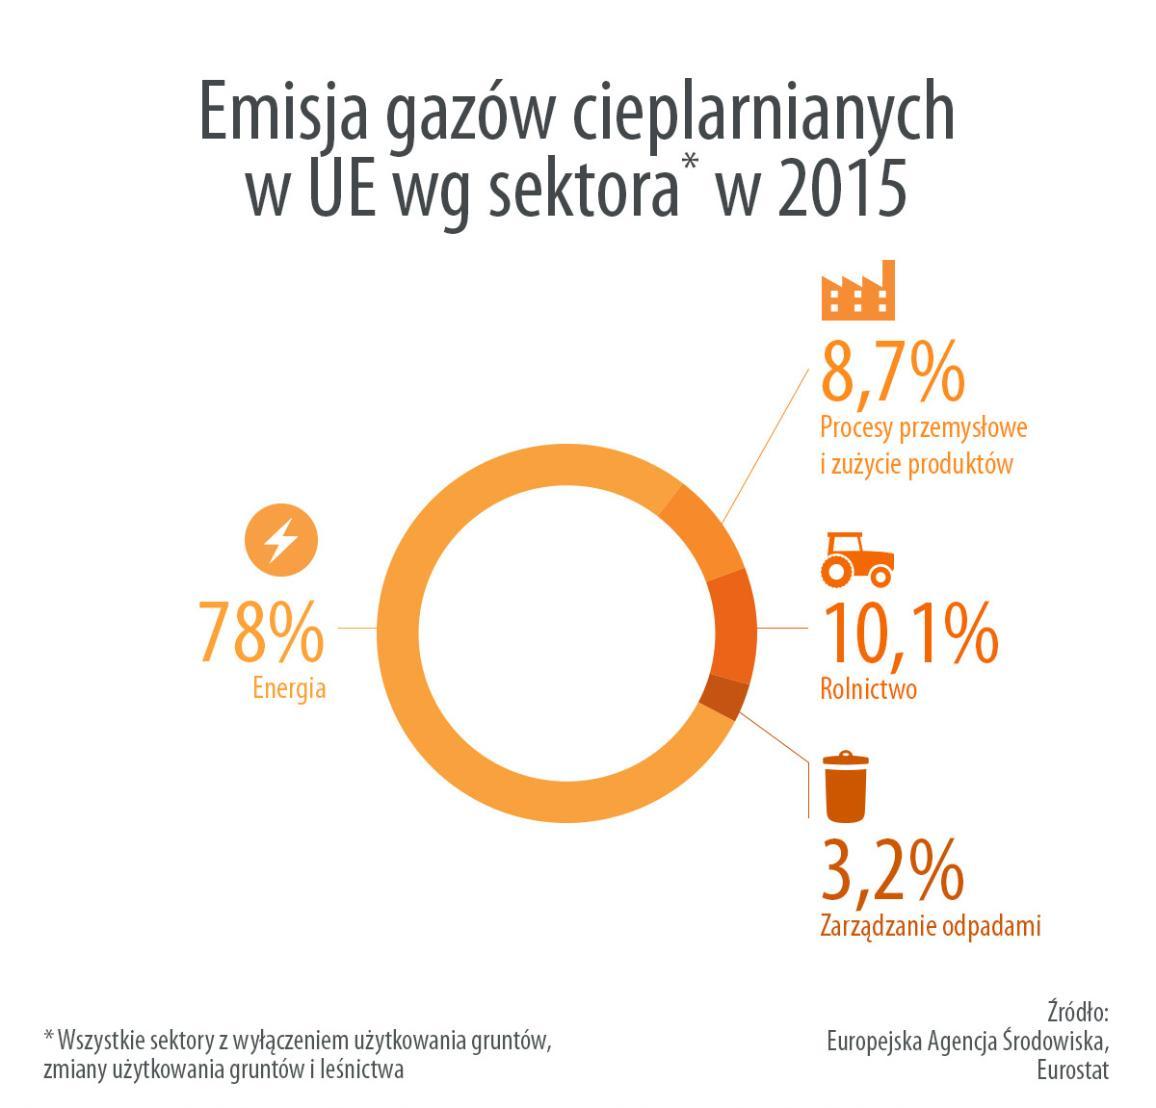 Infografika: Emisje gazów cieplarnianych w UE wg sektora (2015)